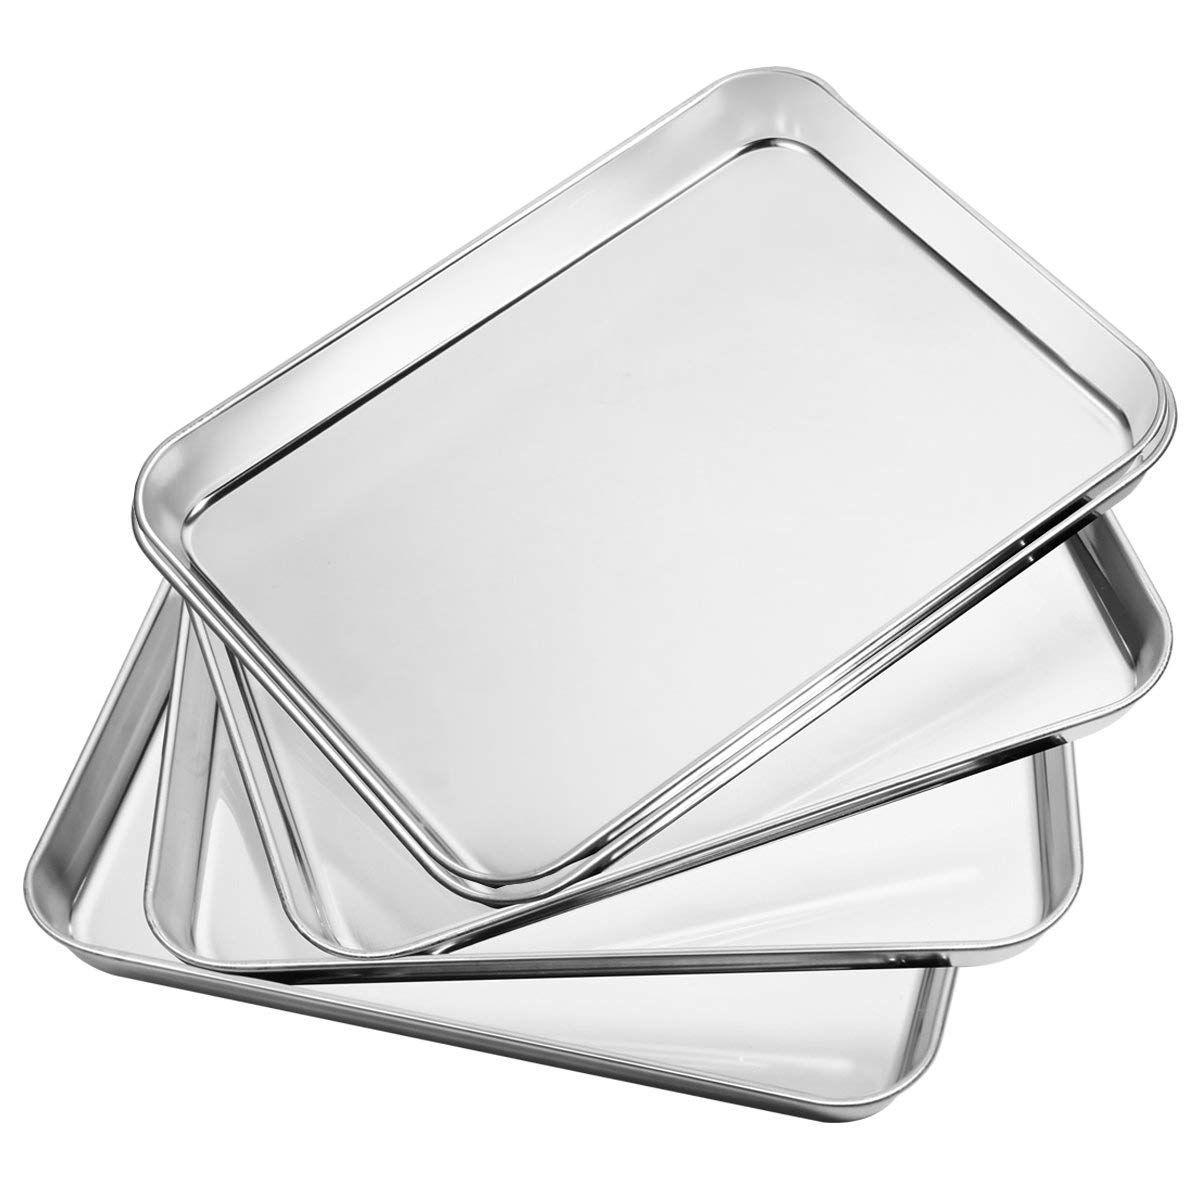 Bastwe baking sheet 5 piece stainless steel baking pan